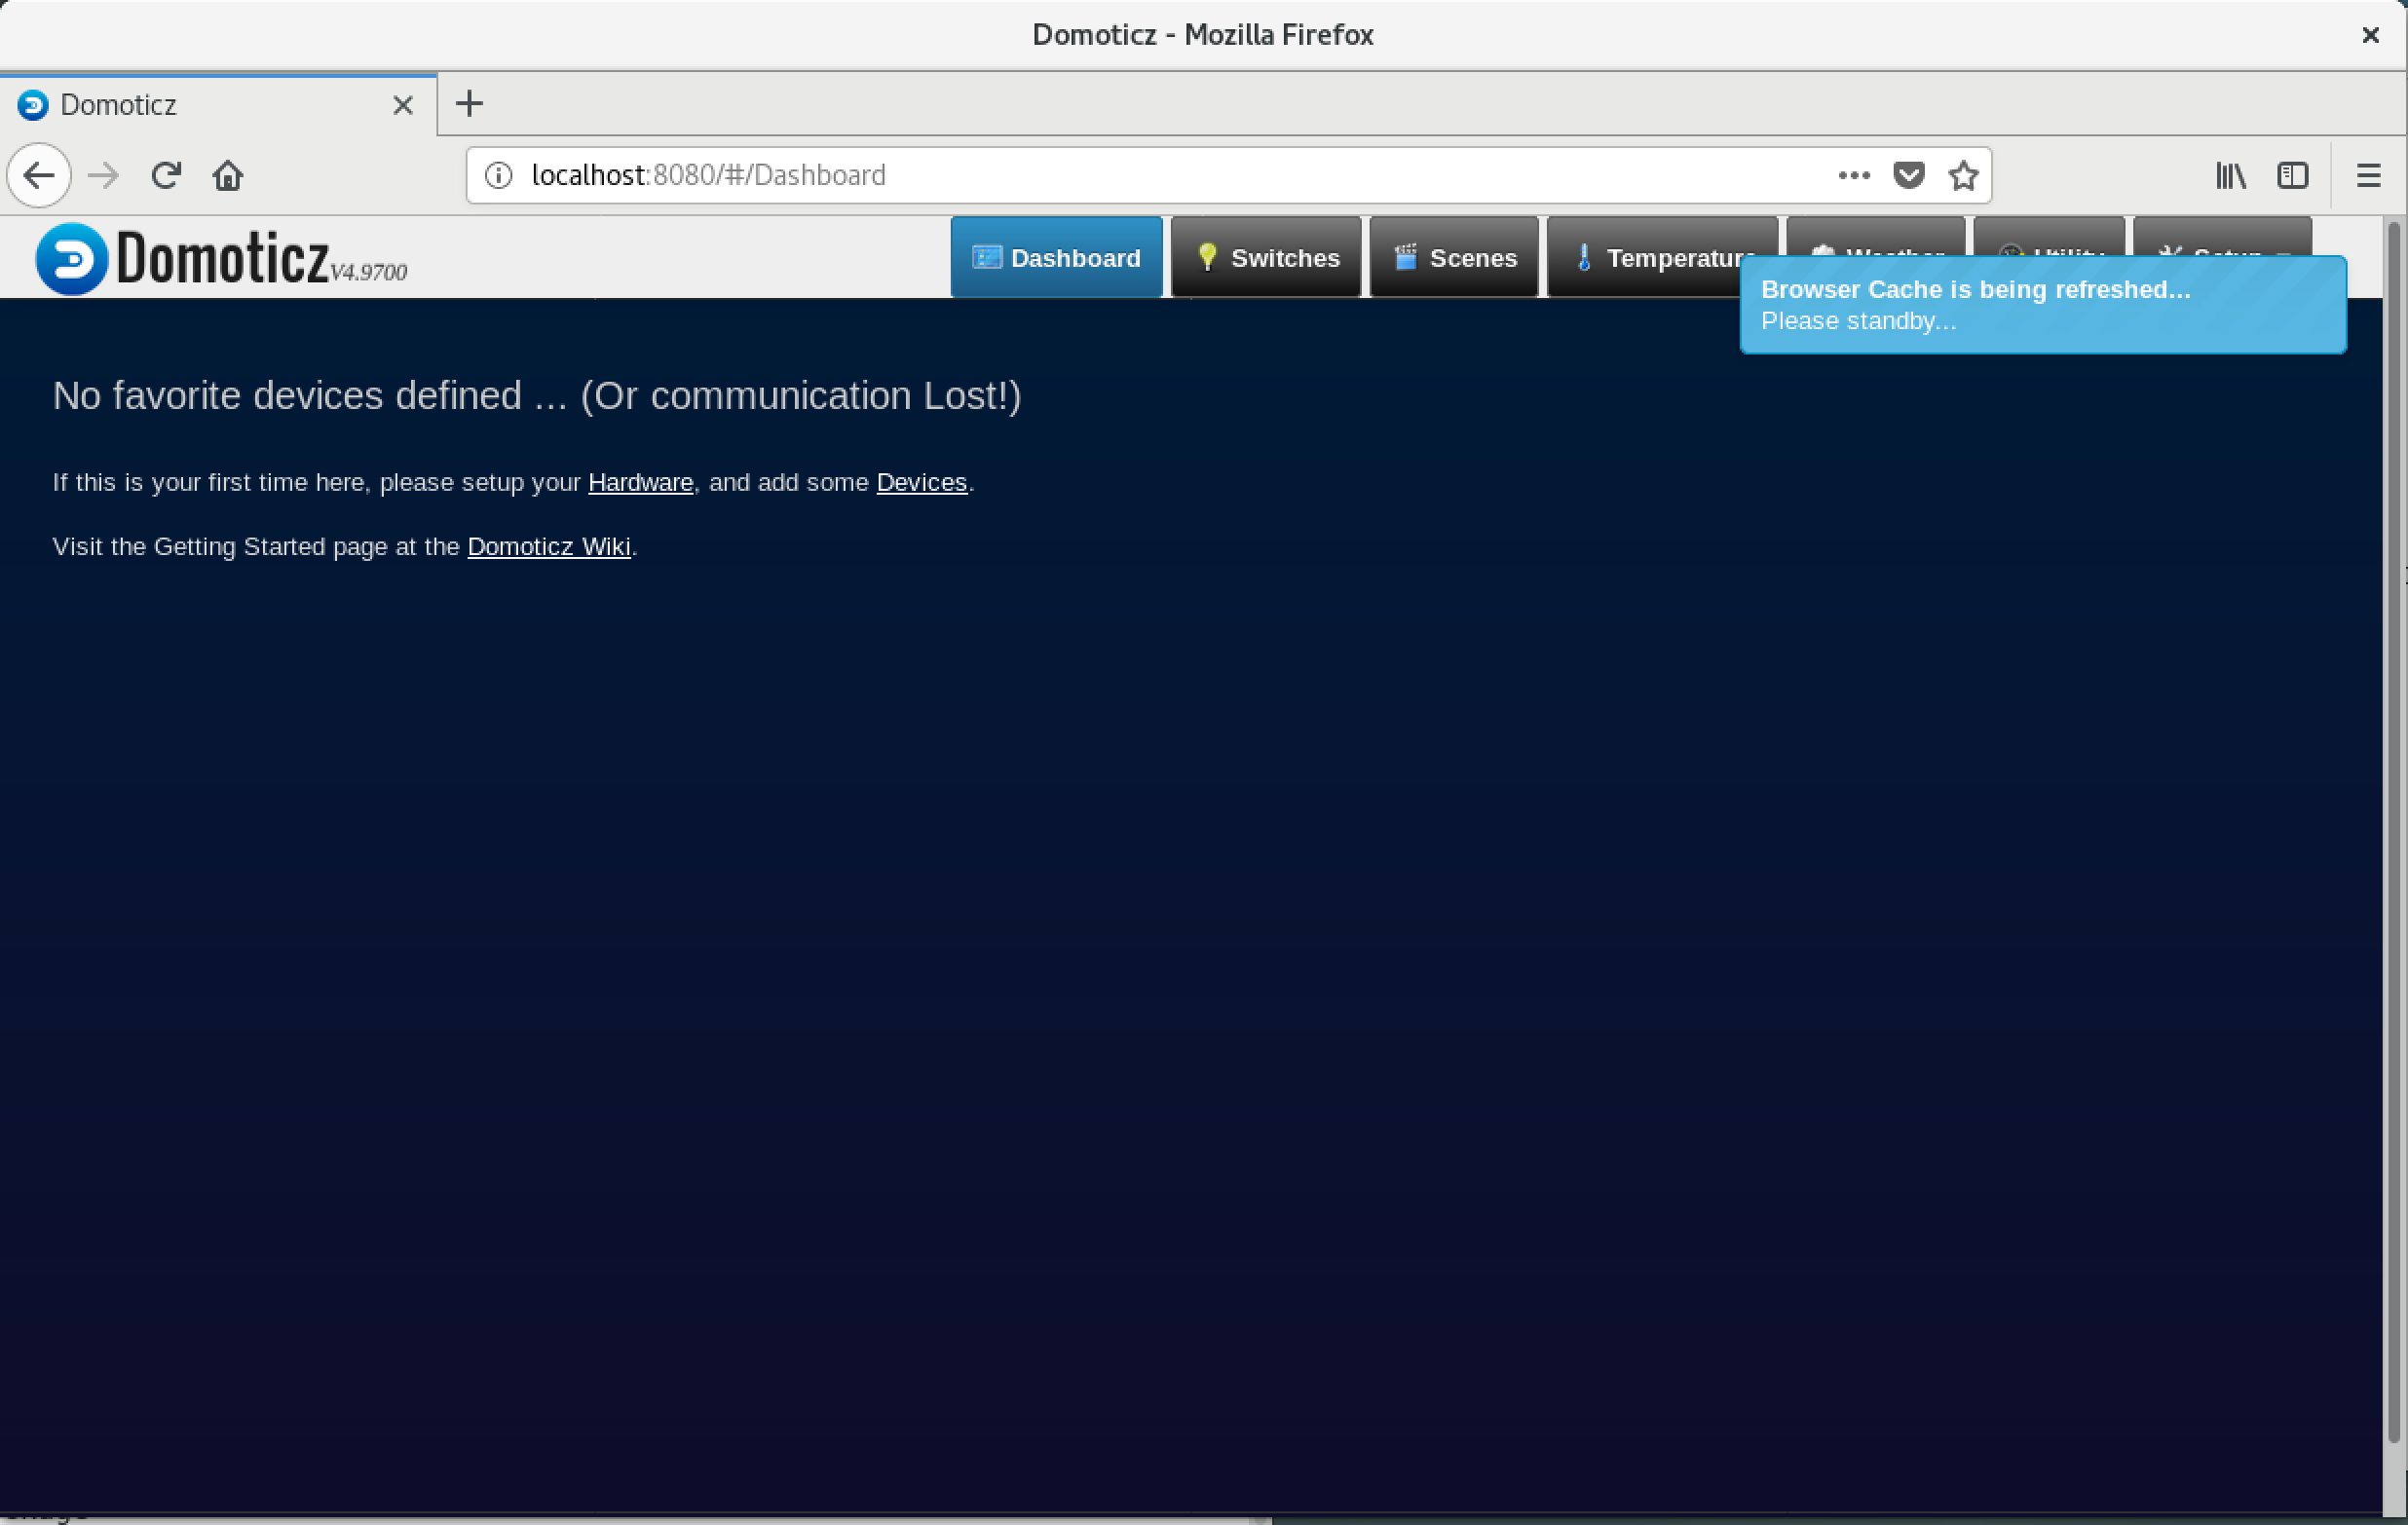 Déployez Domoticz sur un Linux embarqué - Créez un Linux